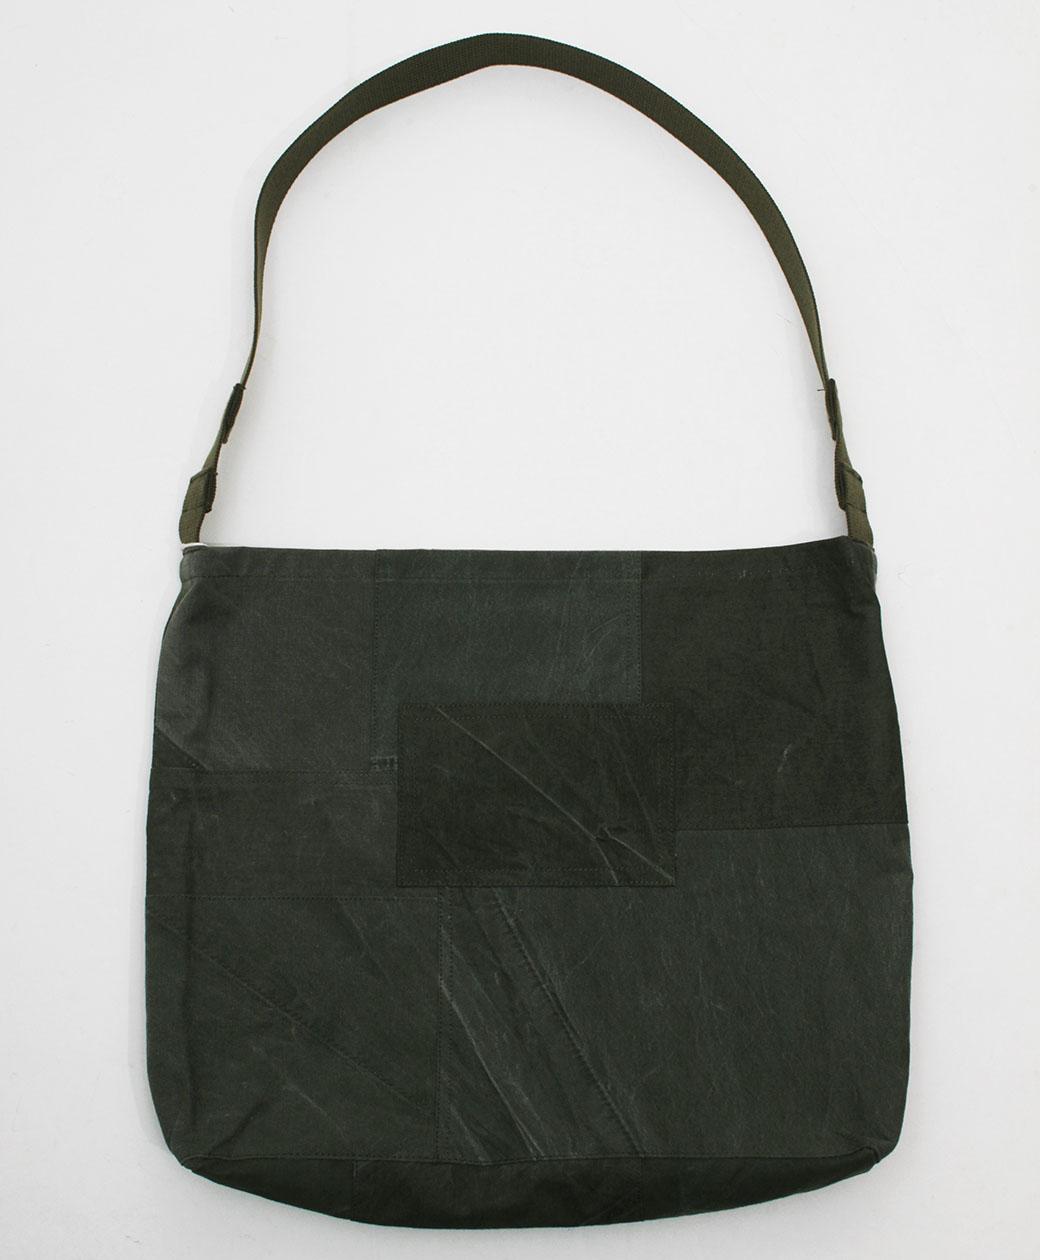 hobo COTTON US ARMY CLOTH PATCHWORK SHOULDER BAG(OLIVE)